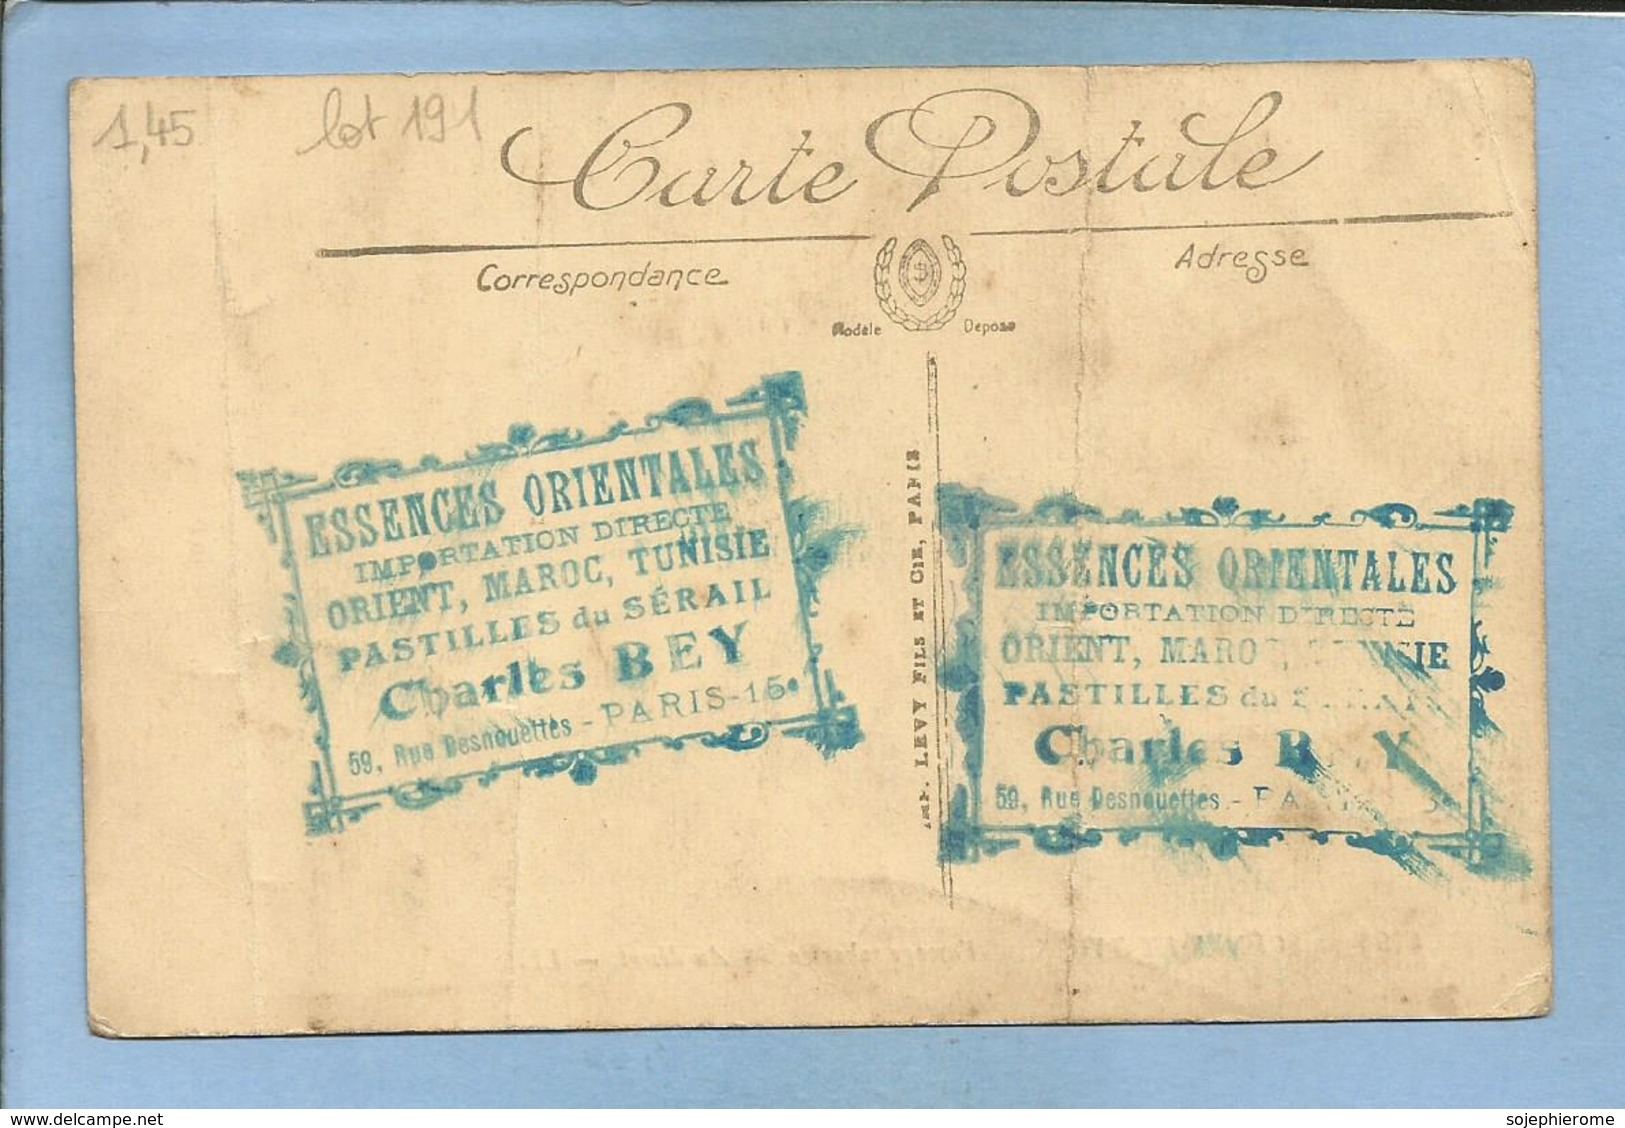 Paris 15e 59 Rue Desnouettes Charles Bey 2 Cachets Bleus 6195 Scènes Et Types Paysage Saharien Au Désert Dromadaires - District 15